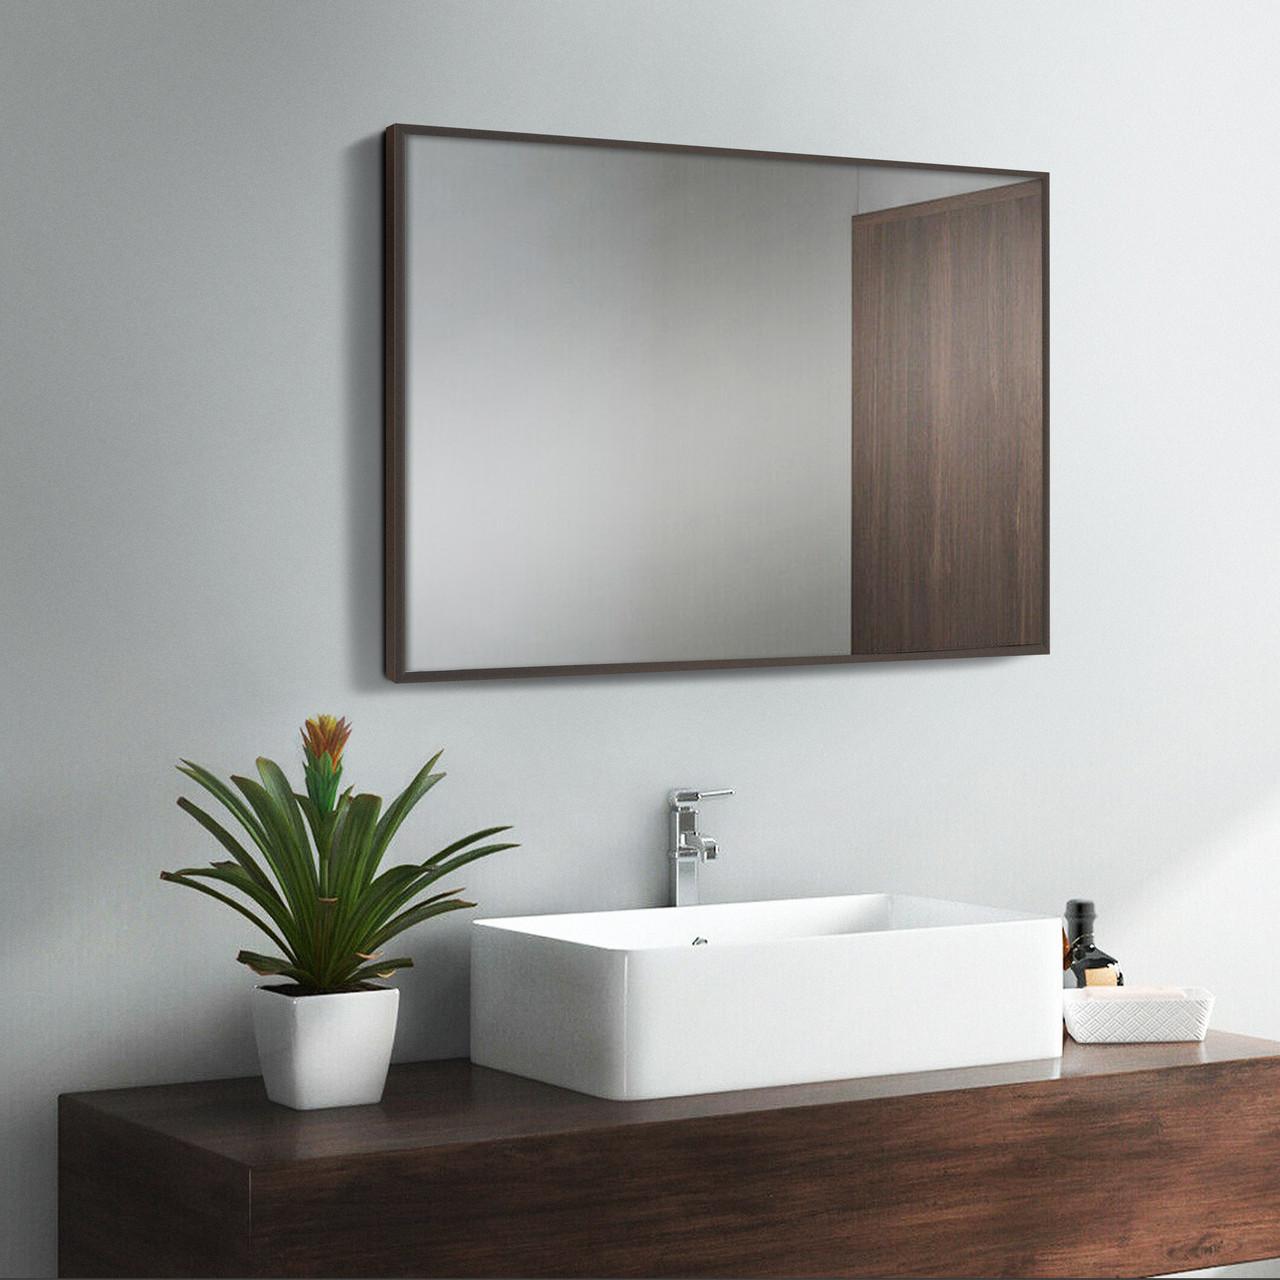 Дзеркало у ванну в алюмінієвій рамі, коричневий колір